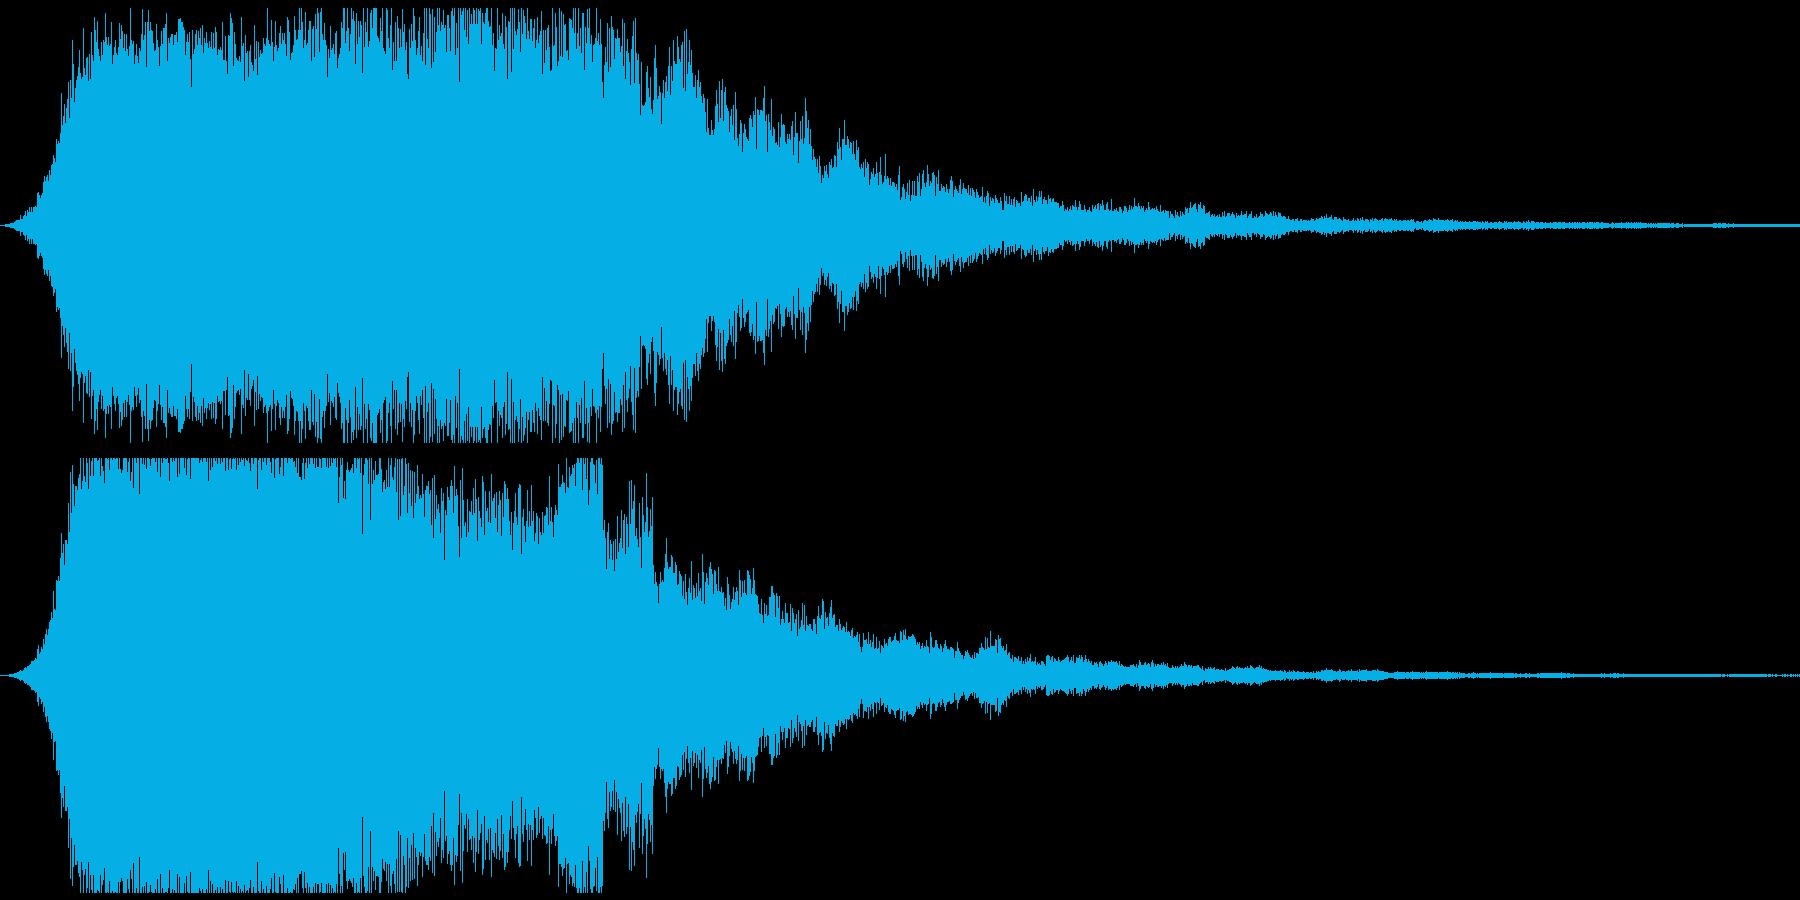 ドゥワーン ホラー系サウンドゲームアプリの再生済みの波形